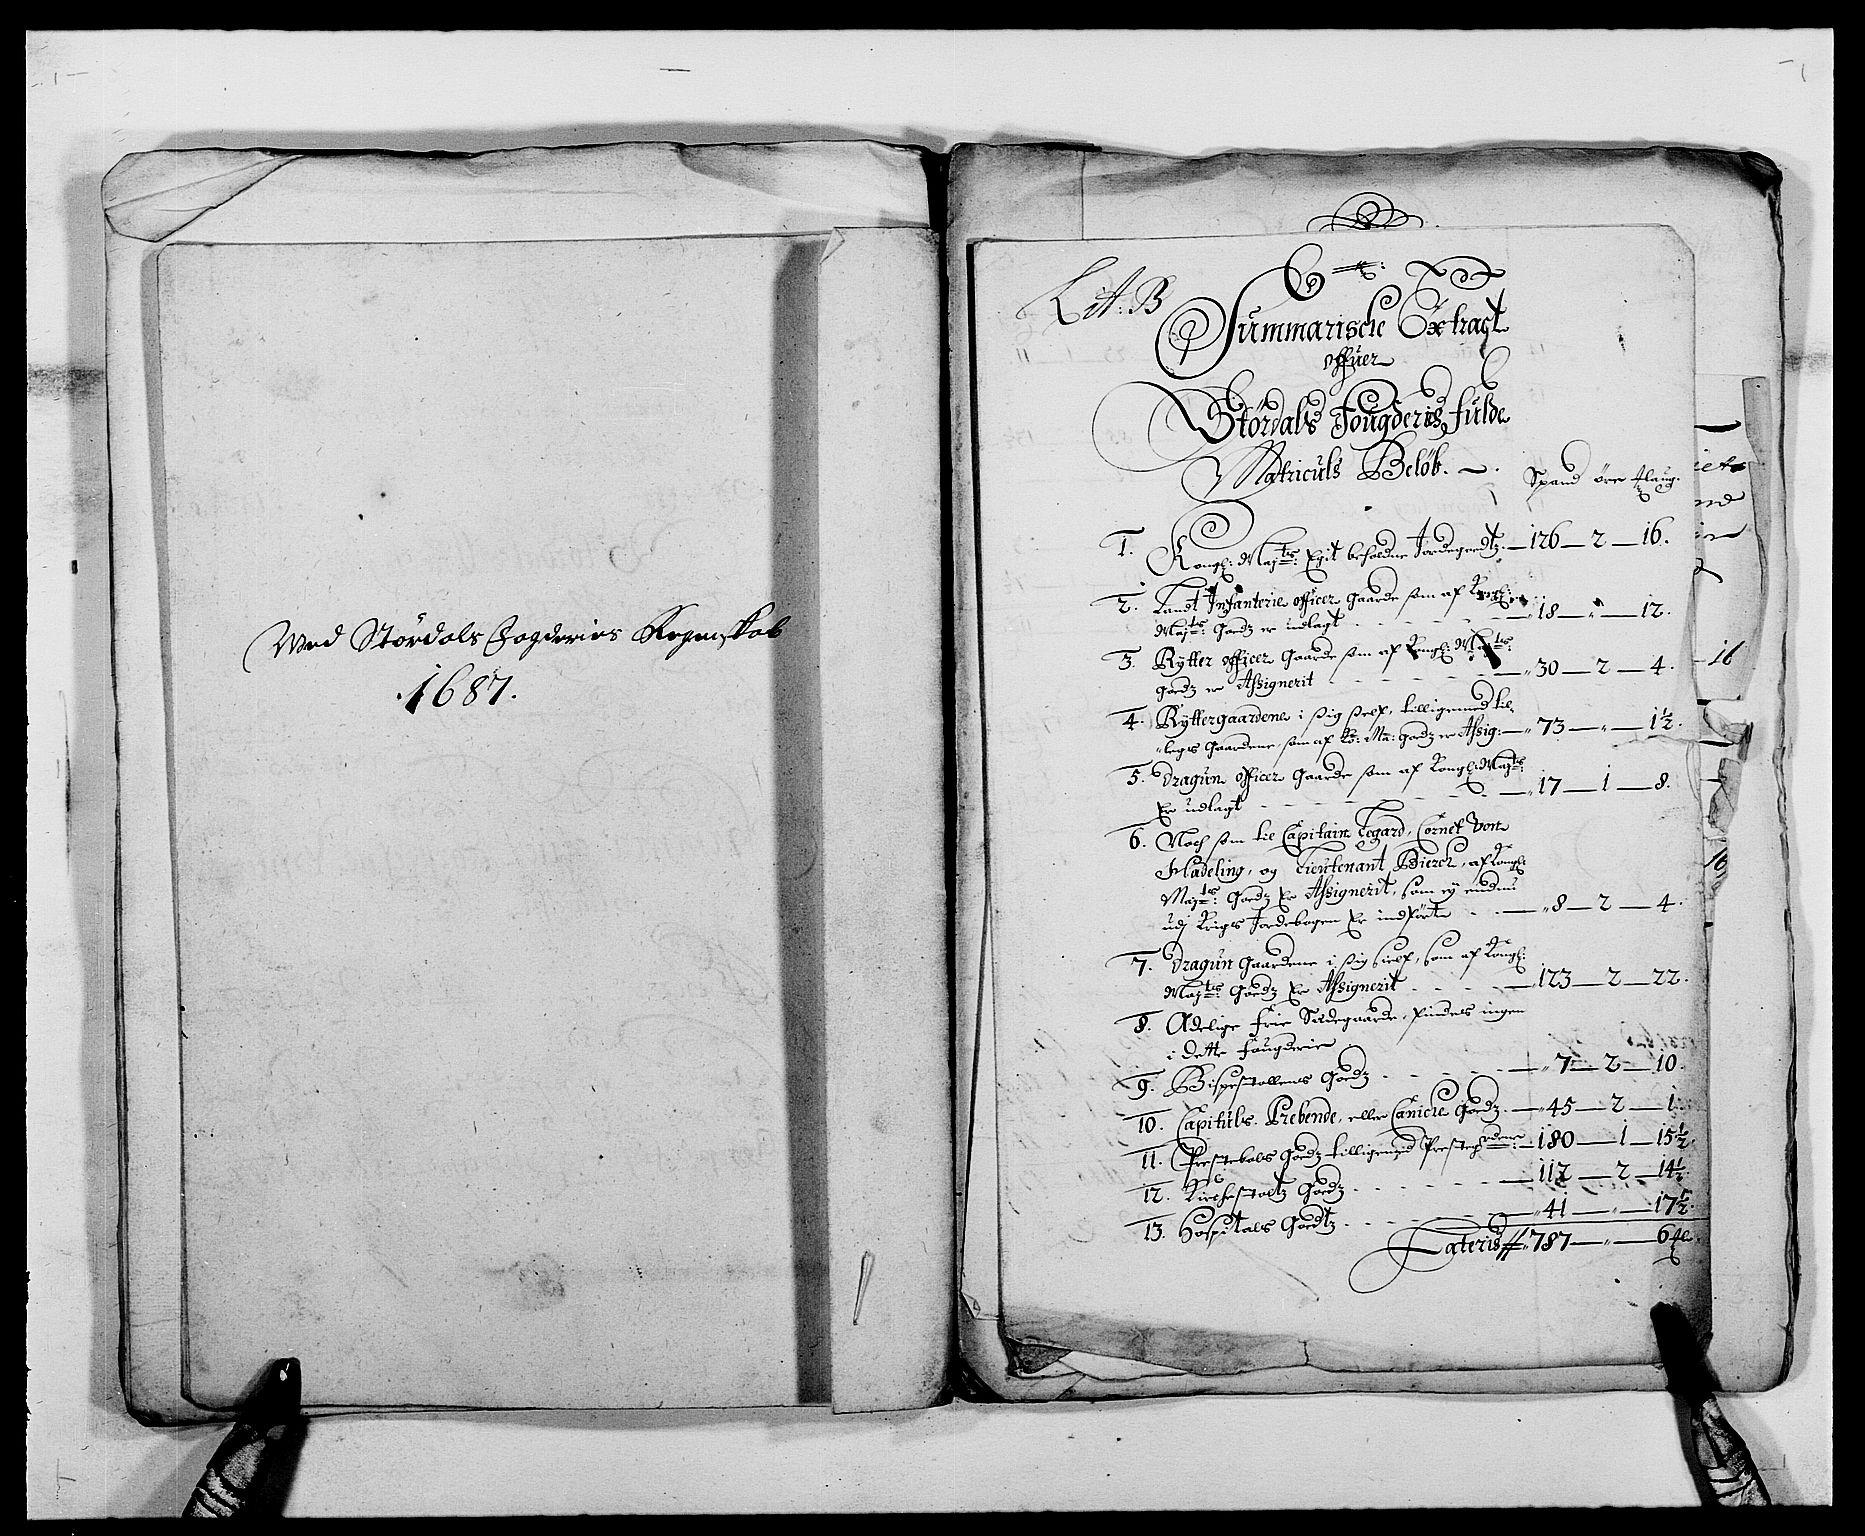 RA, Rentekammeret inntil 1814, Reviderte regnskaper, Fogderegnskap, R62/L4183: Fogderegnskap Stjørdal og Verdal, 1687-1689, s. 41